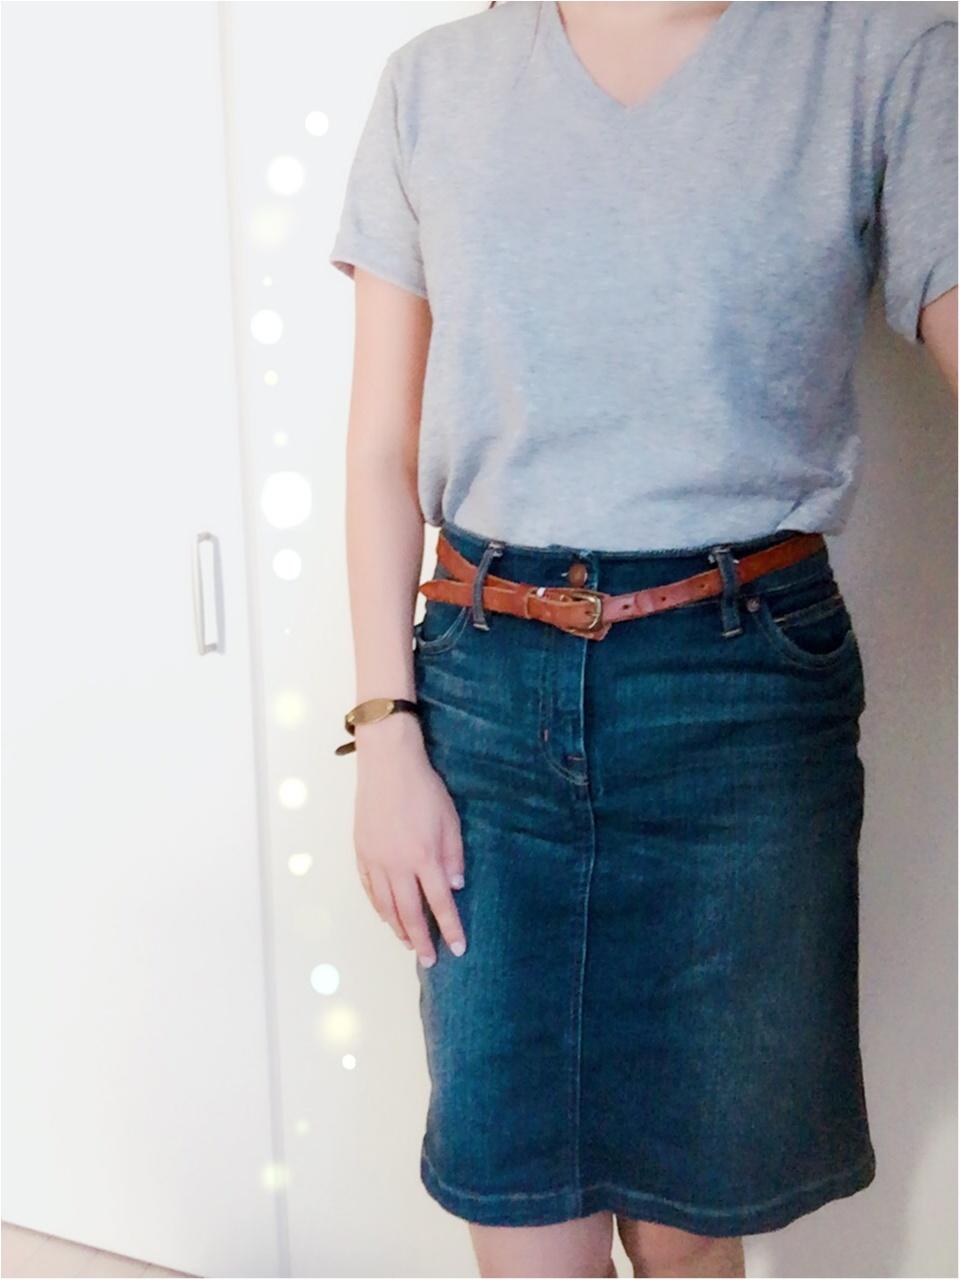 …ஐ Tシャツ王道コーデ!!やっぱり【ジーンズ】が好き♡༓ ஐ¨_1